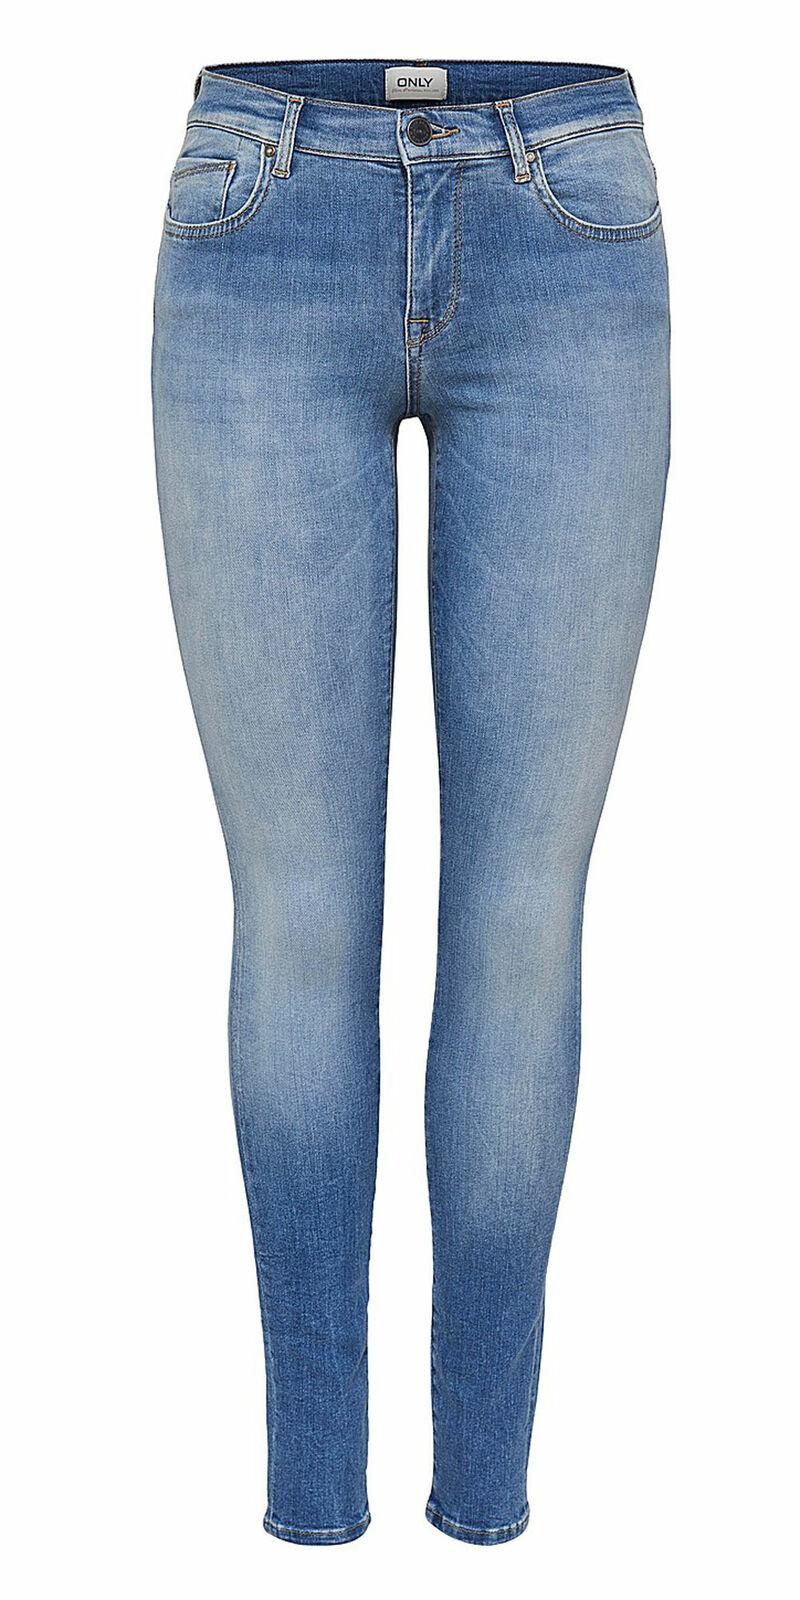 ONLSHAPE LIFE REG SK JEANS ONLY | Jeans | 15147092LIGHTBLUEDENIM